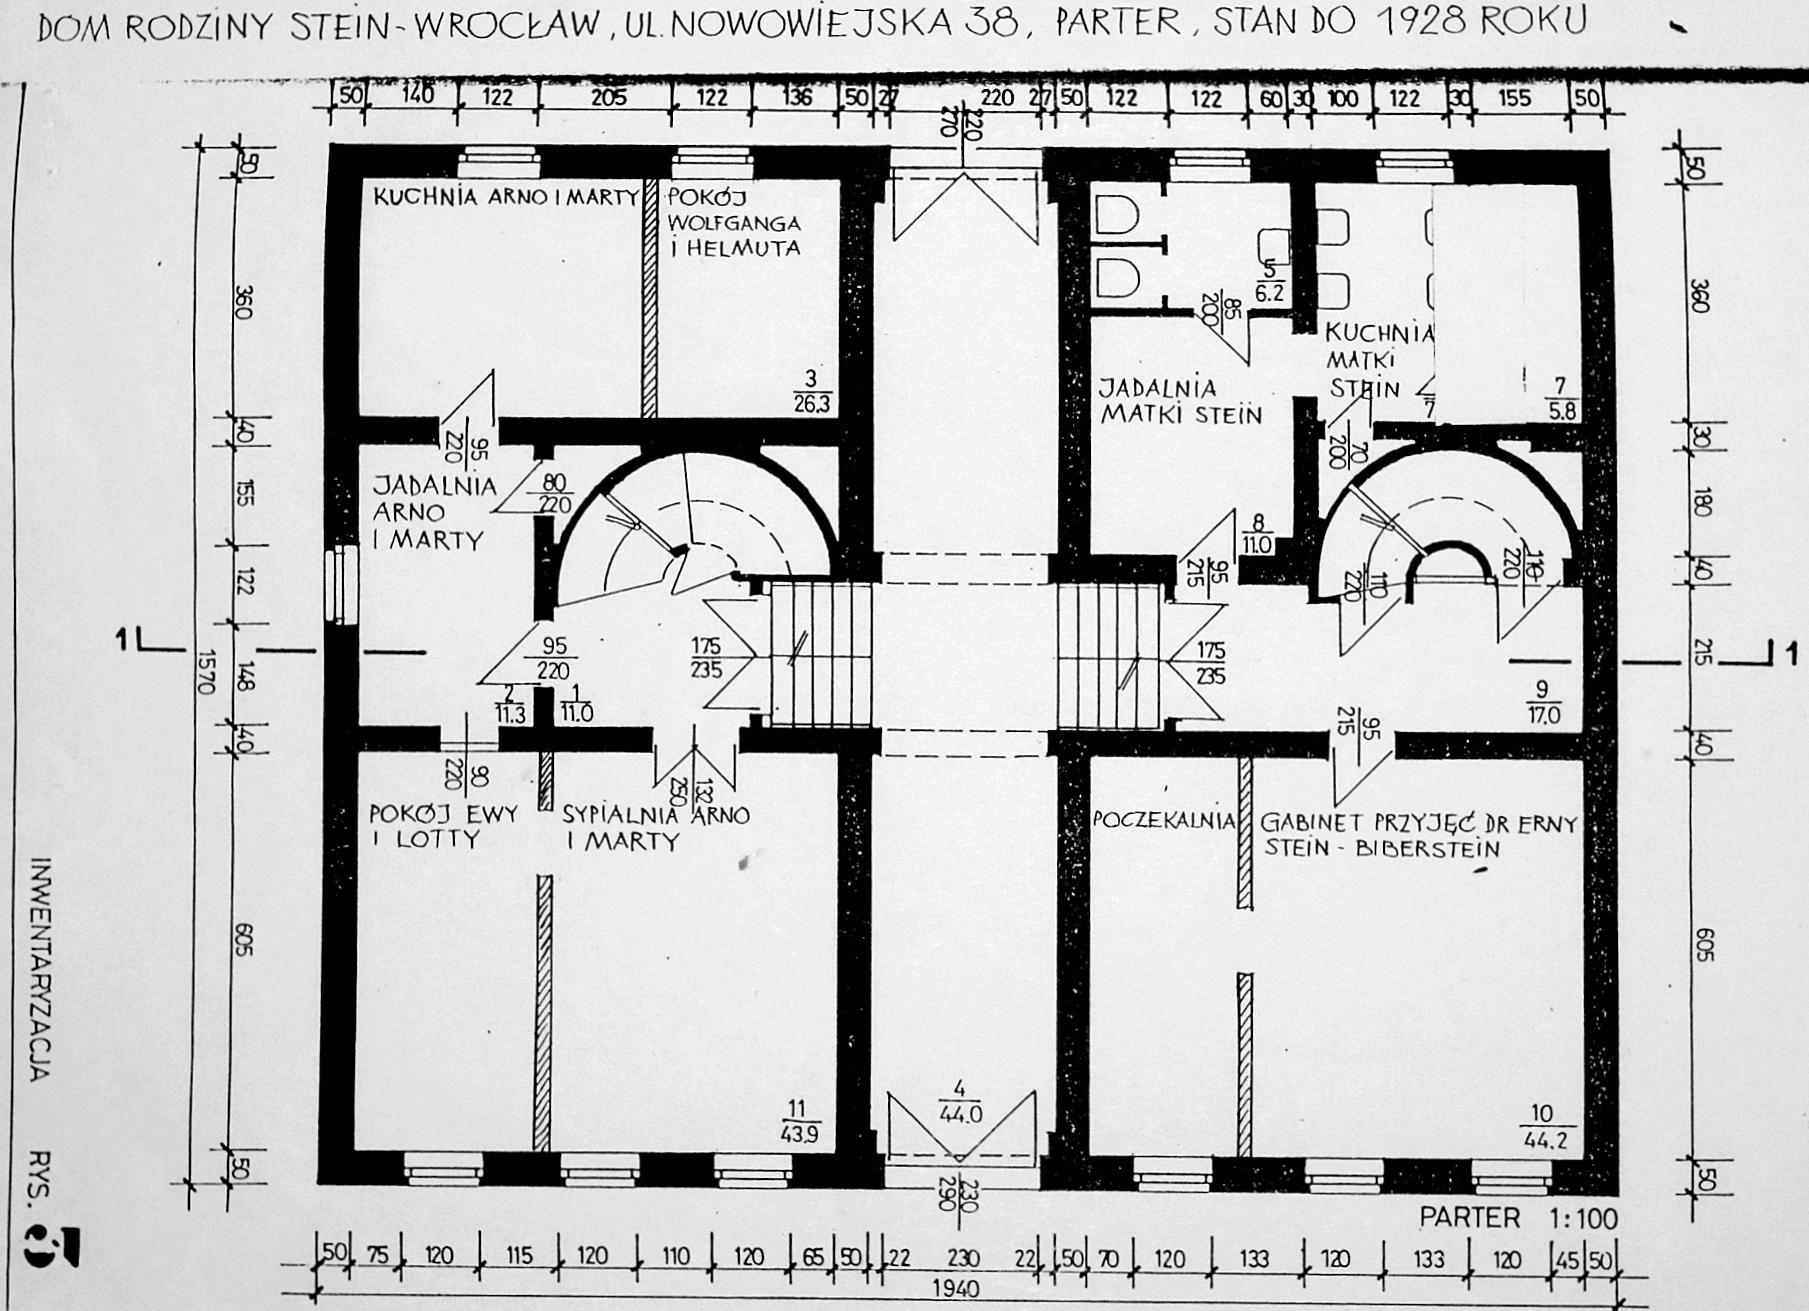 Plan domu Steinów przy Michaelisstrasse 38 weWrocławiu przed1928 rokiem, parter, archiwum Towarzystwa im.Edyty Stein weWrocławiu.